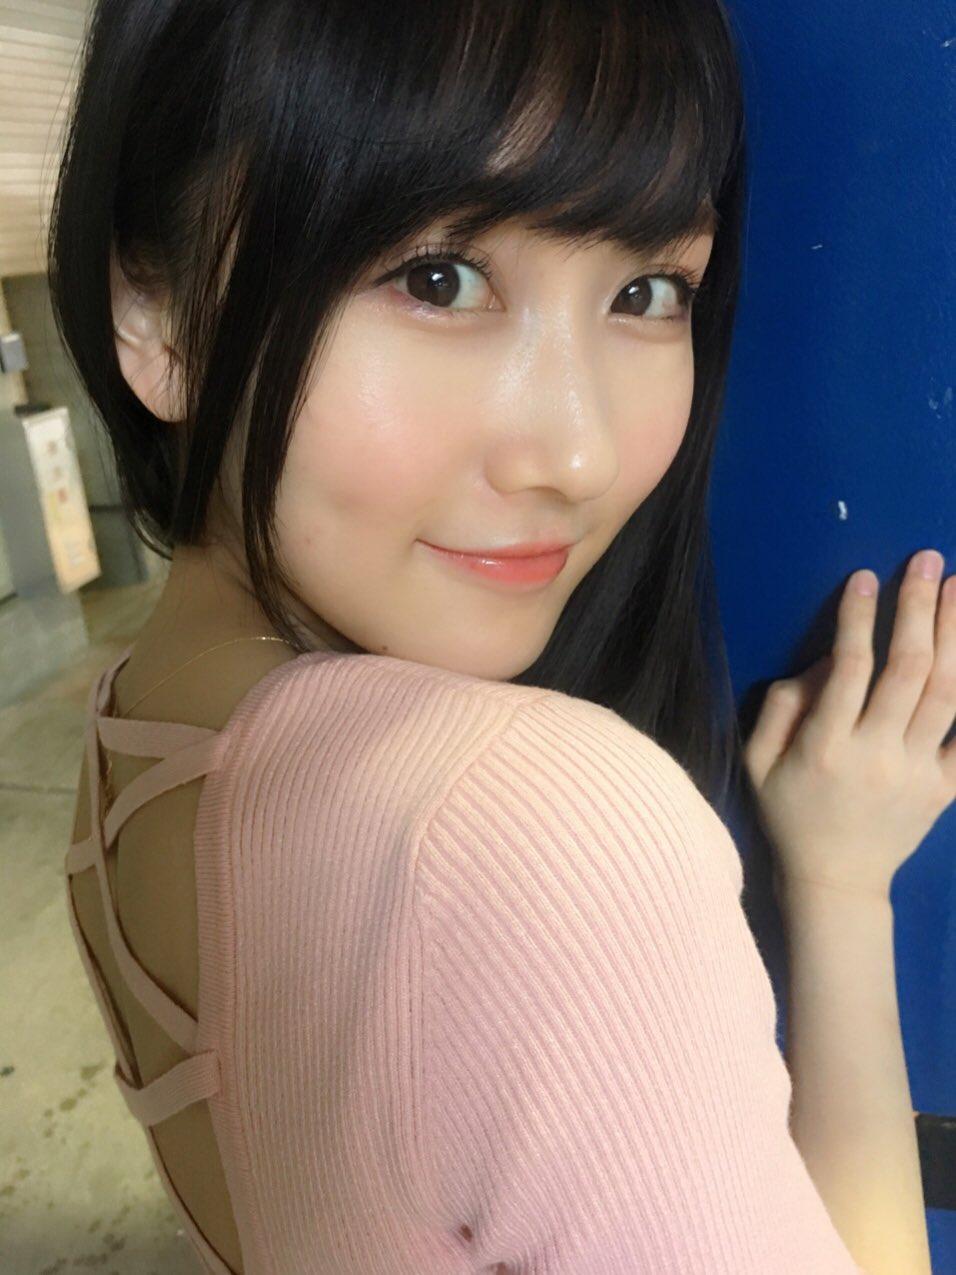 【朗報】矢倉楓子、本日ノーブラの模様【NMB48】